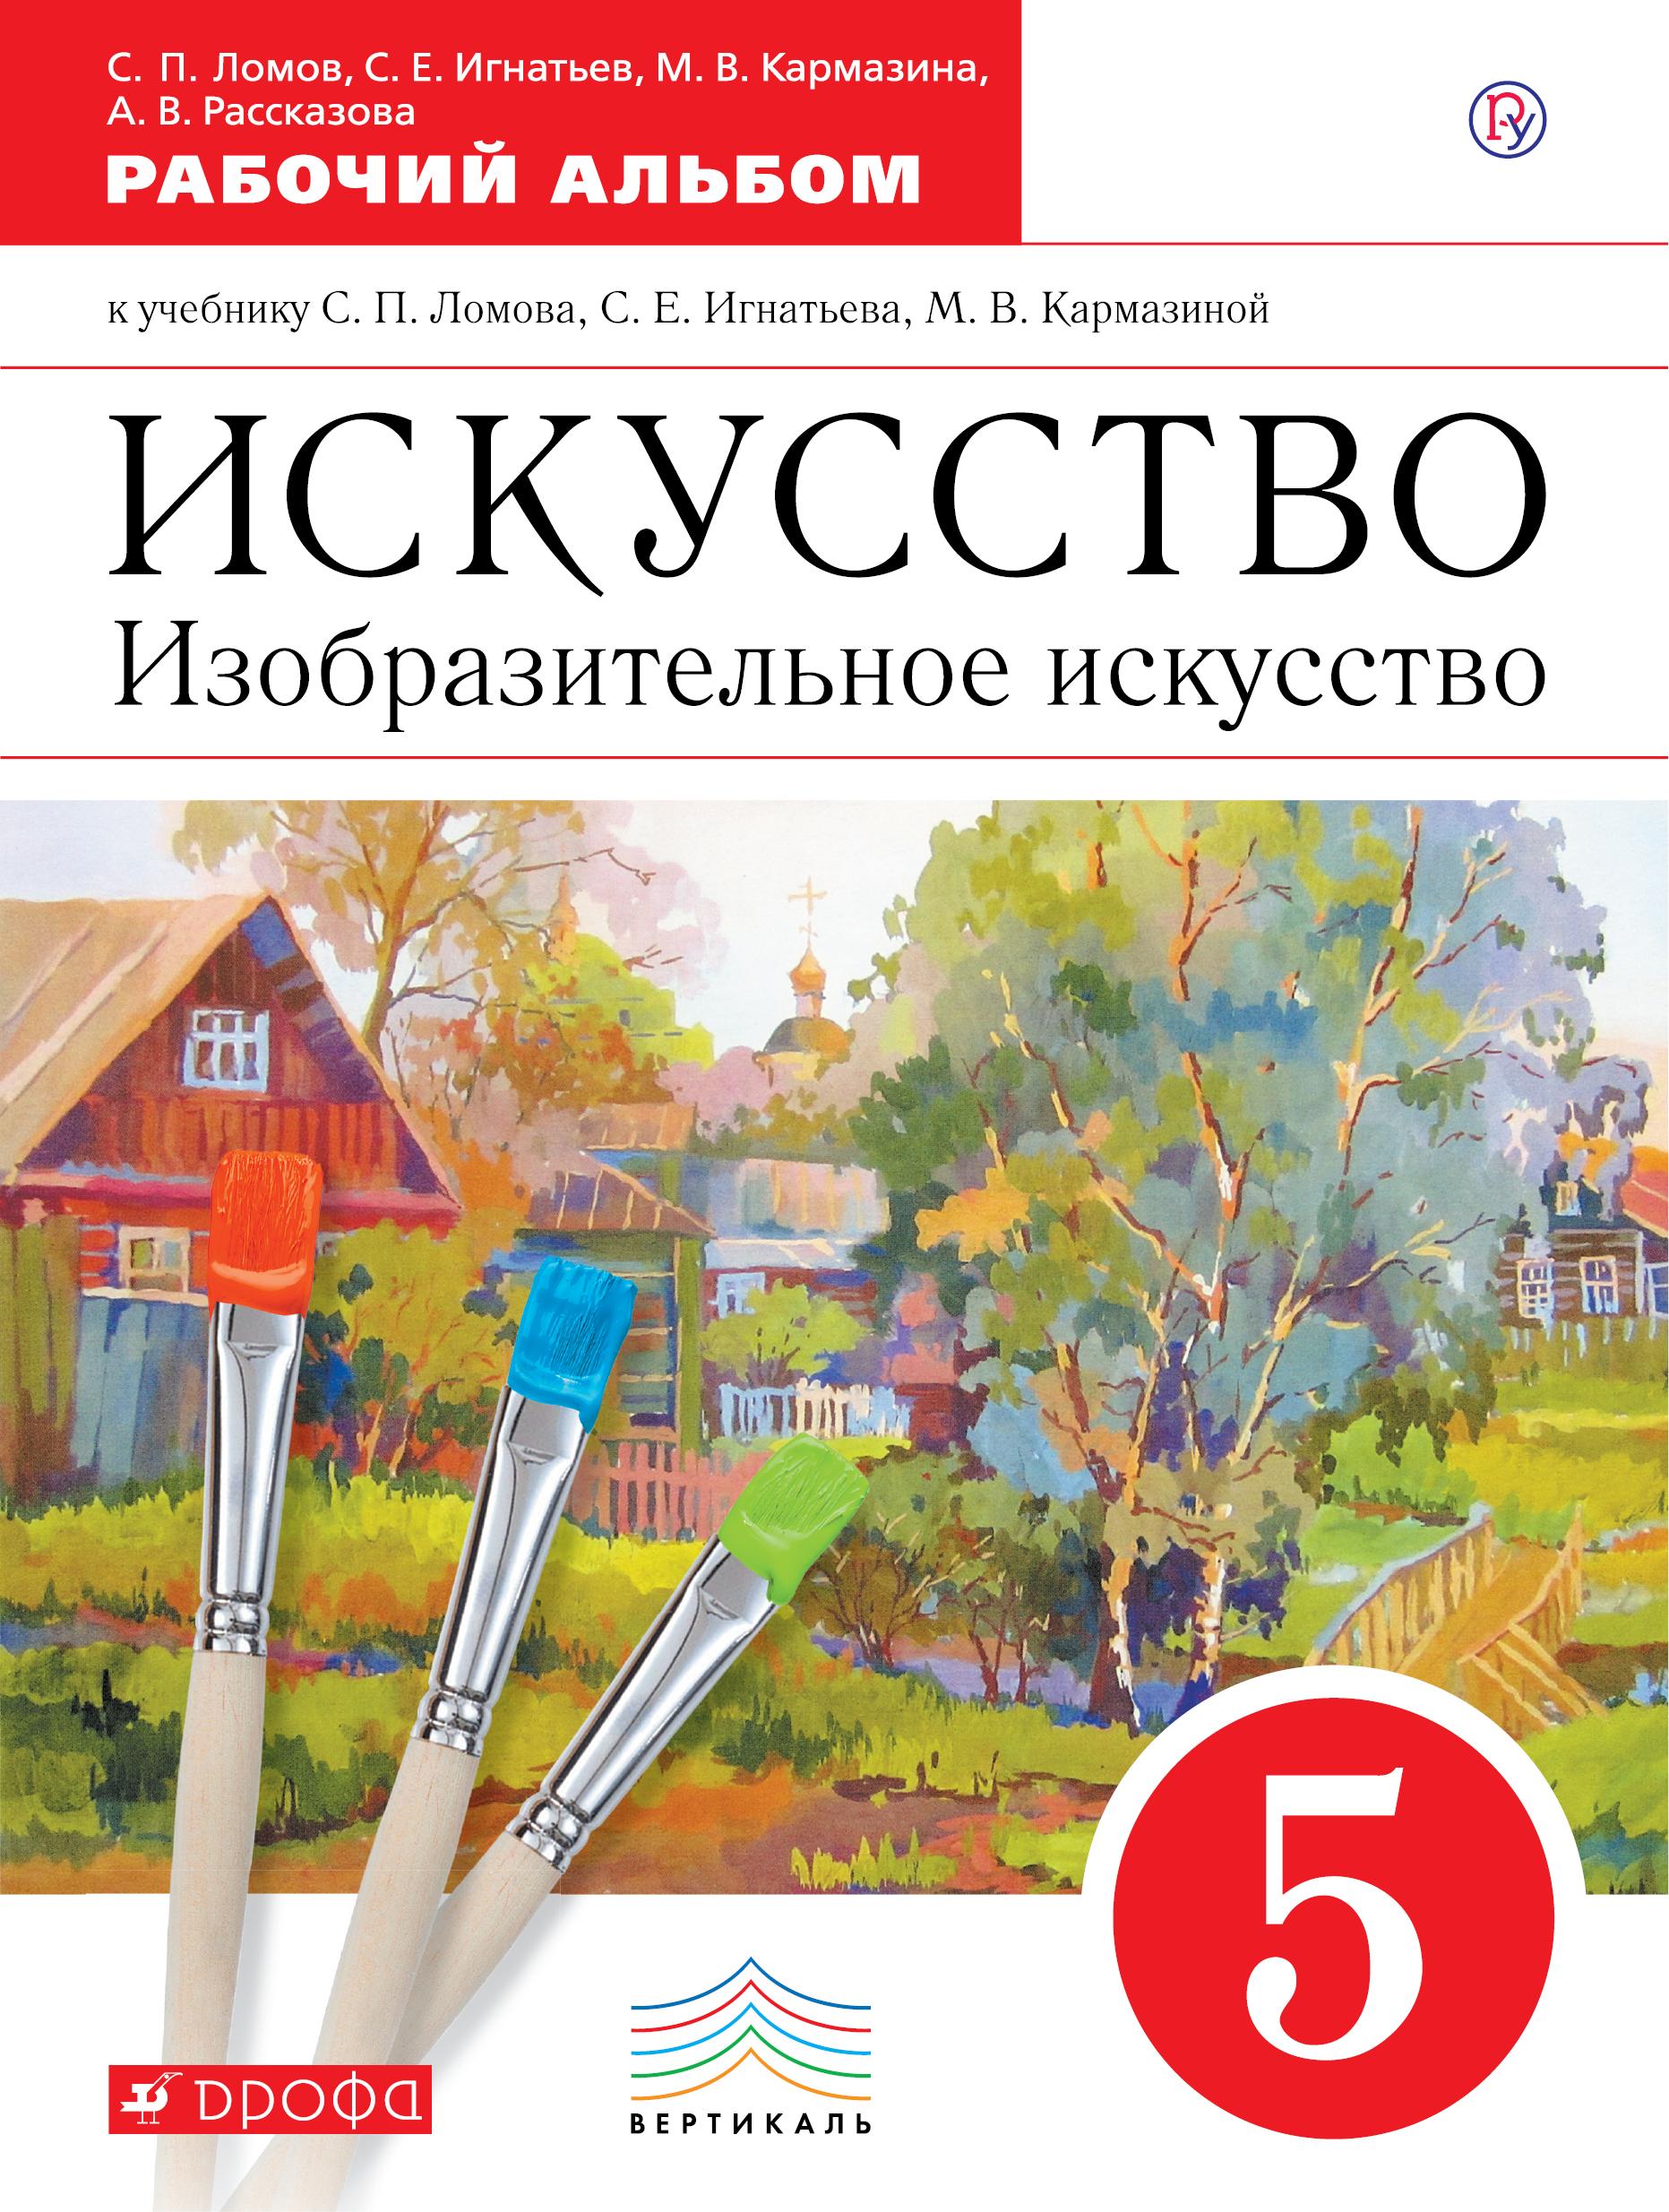 Ломов С.П., Игнатьев С.В., Кармазина М.В., Рассказова А.В. Искусство. Изобразительное искусство. 5 класс. Рабочий альбом.